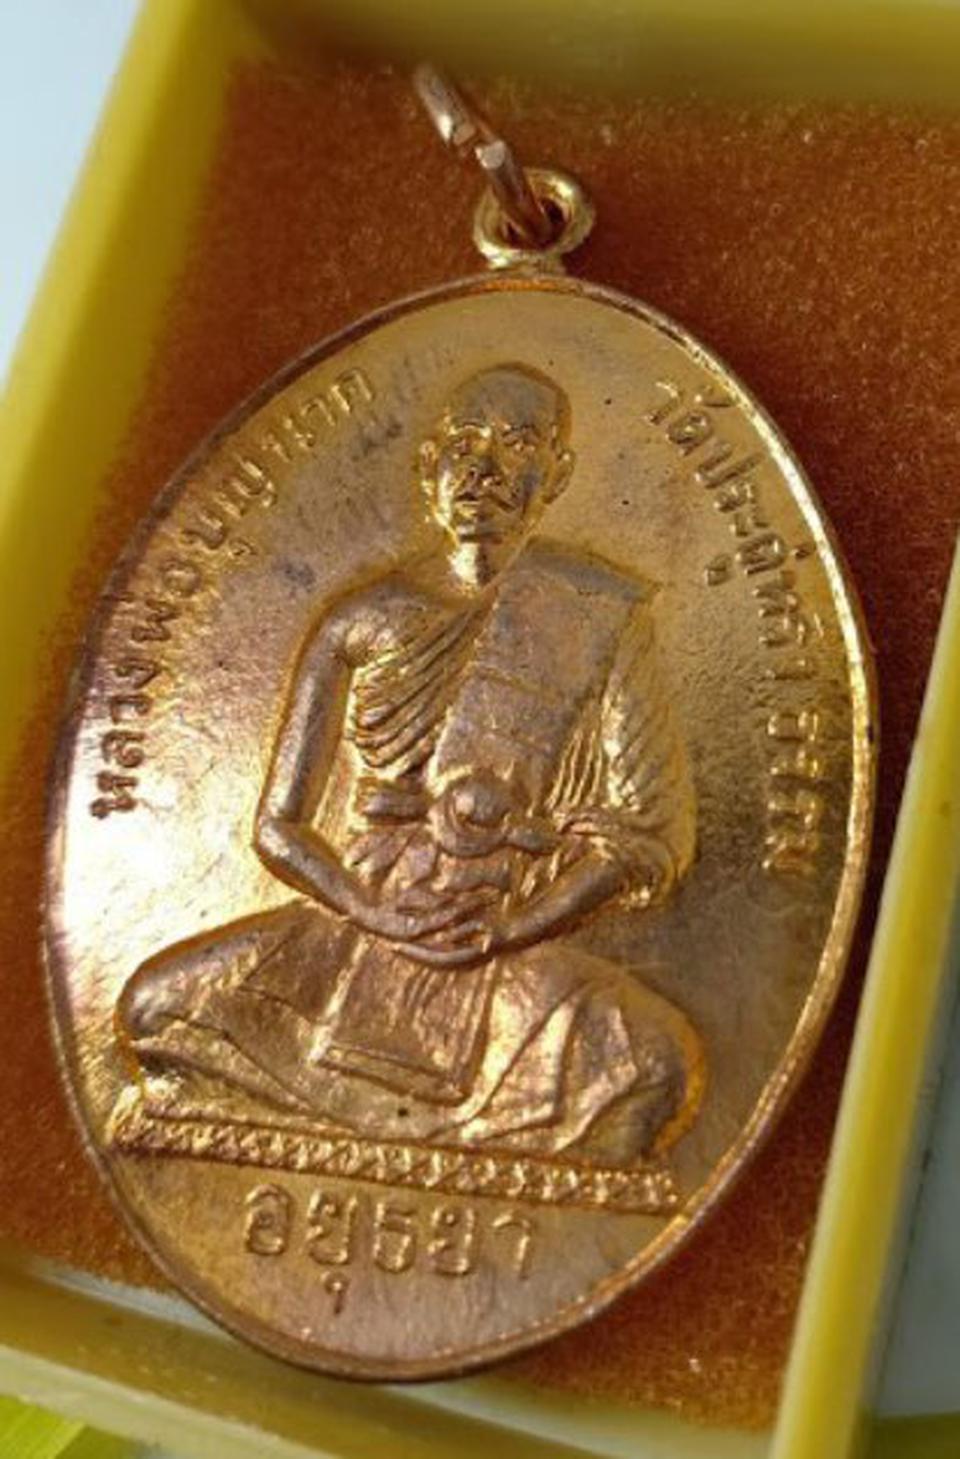 เหรียญหลวงพ่อบุญนาค วัดประดู่ทรงธรรม อยุธยา ปีเนื้อทองแดง รูปที่ 1